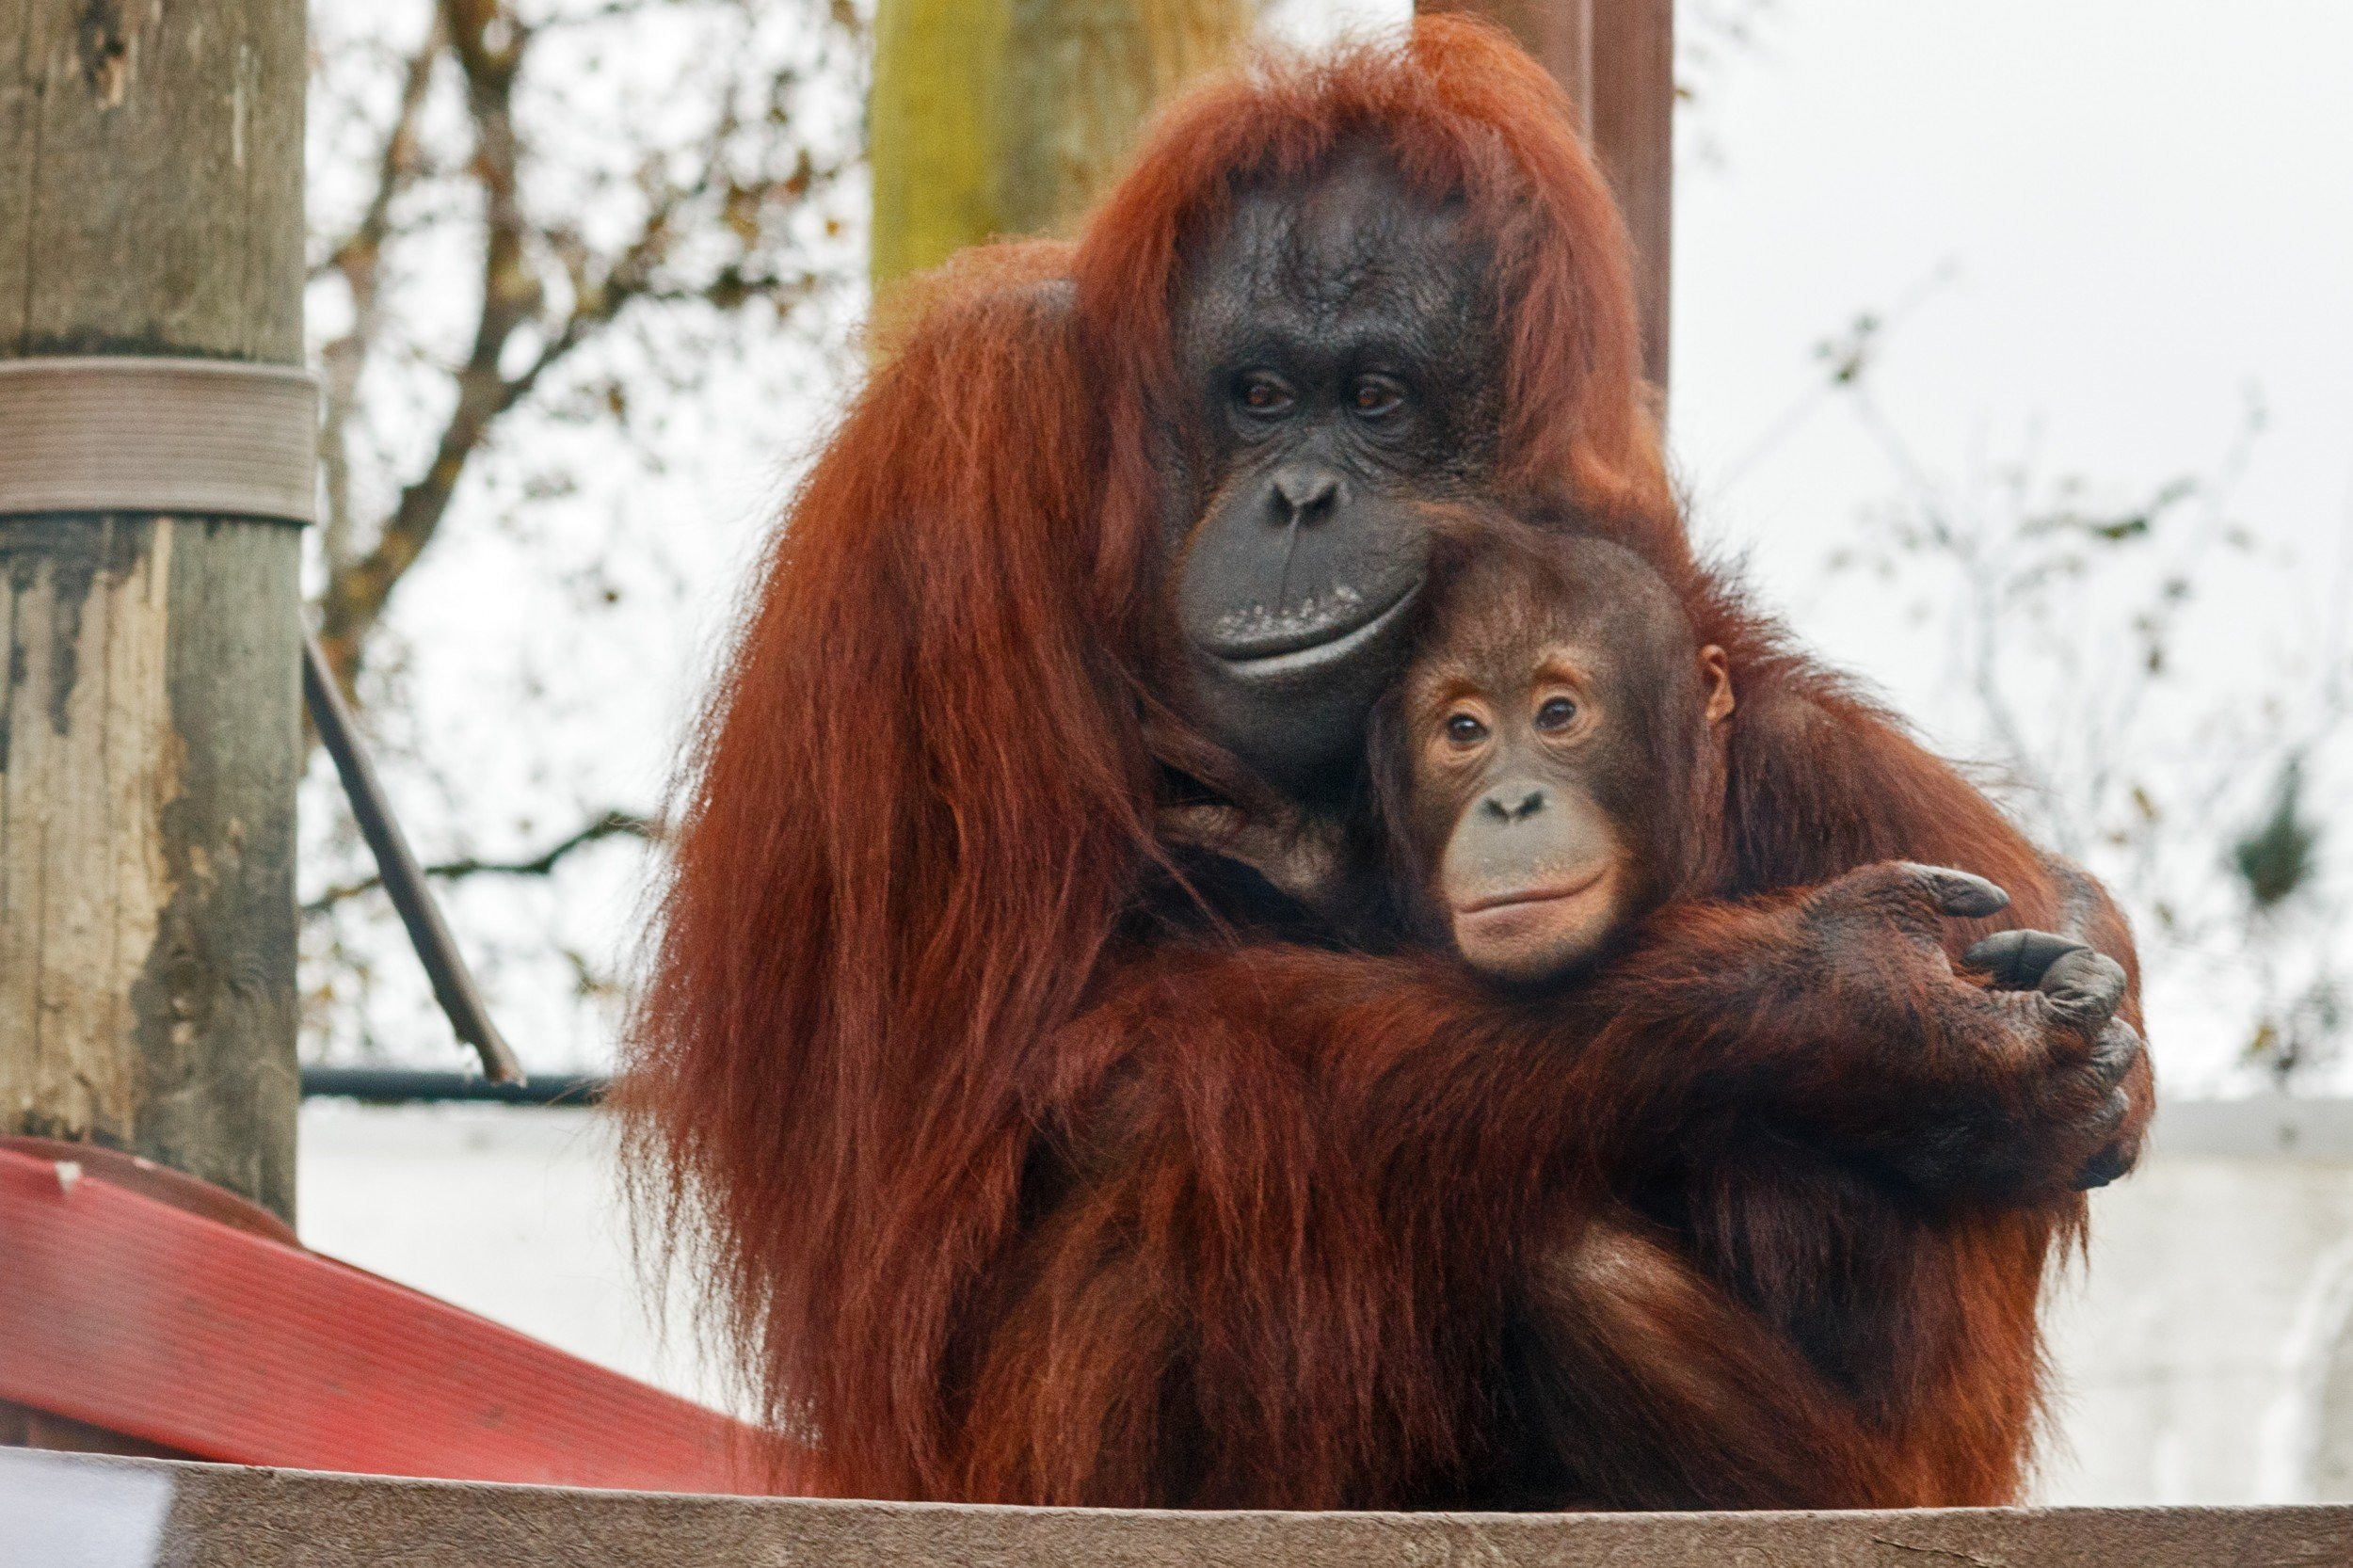 Monkey World - Ape Rescue Centre 9